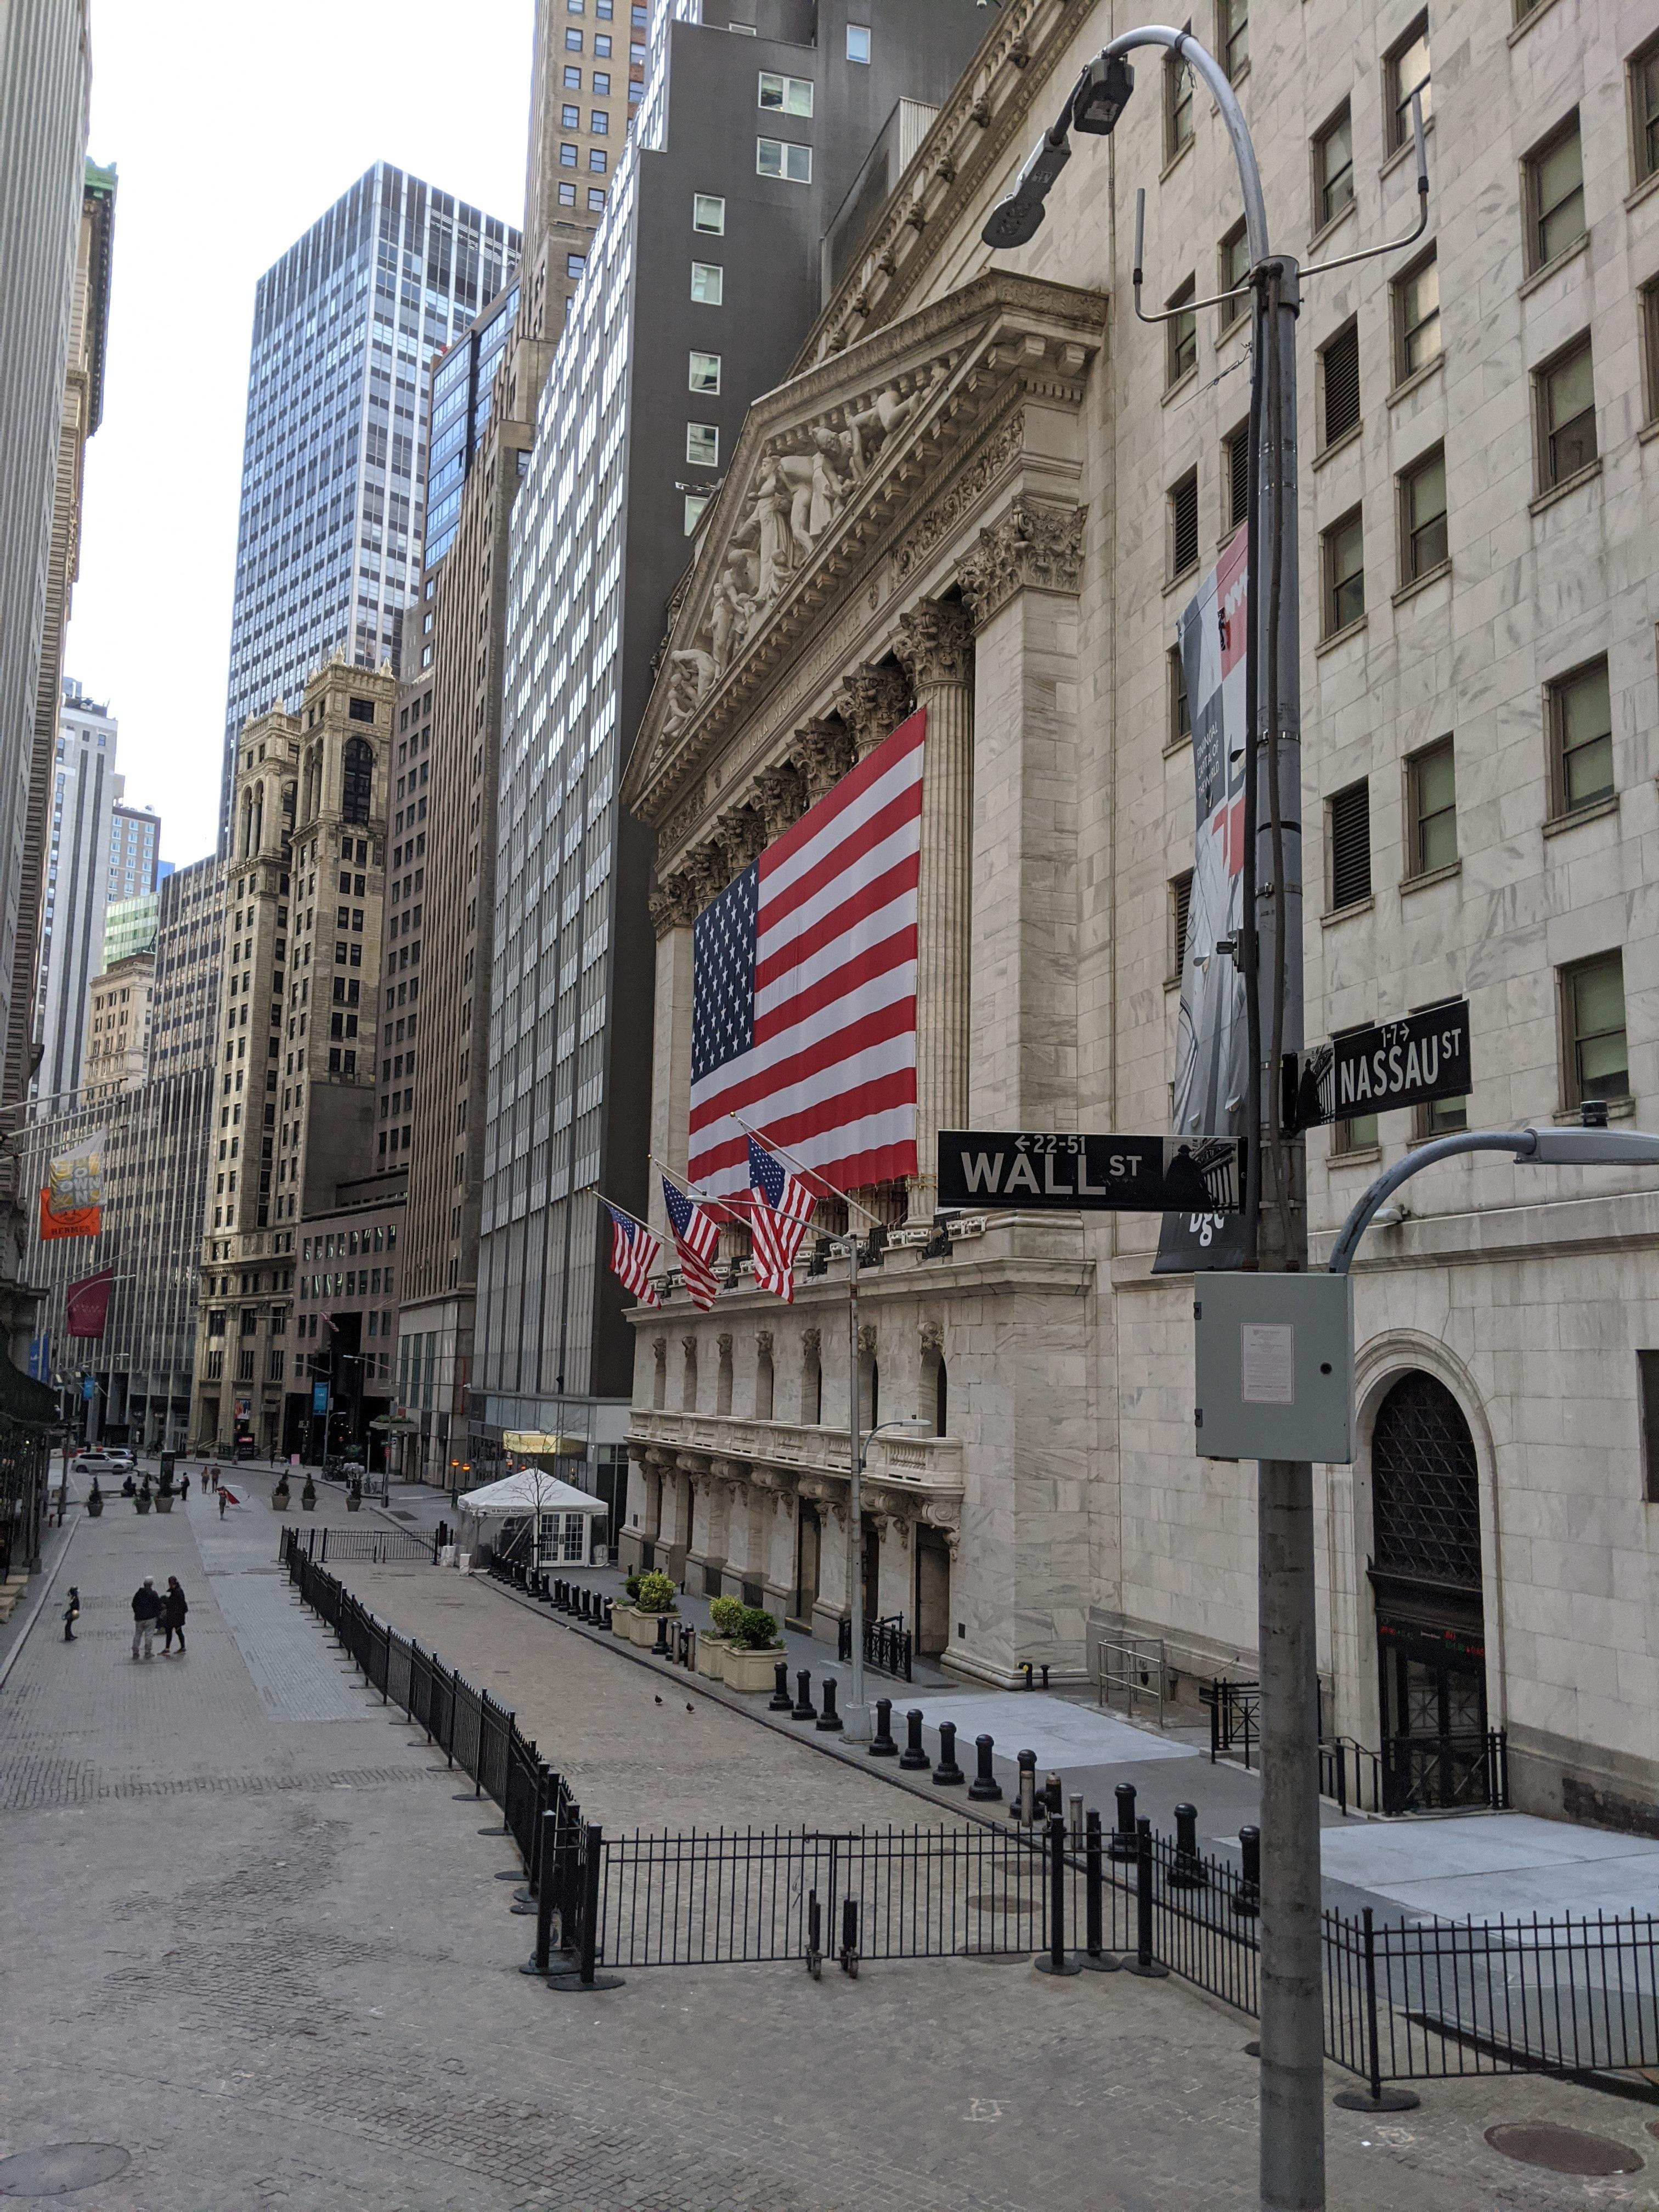 Онлайн-экскурсия по Финансовому району Нью-Йорка